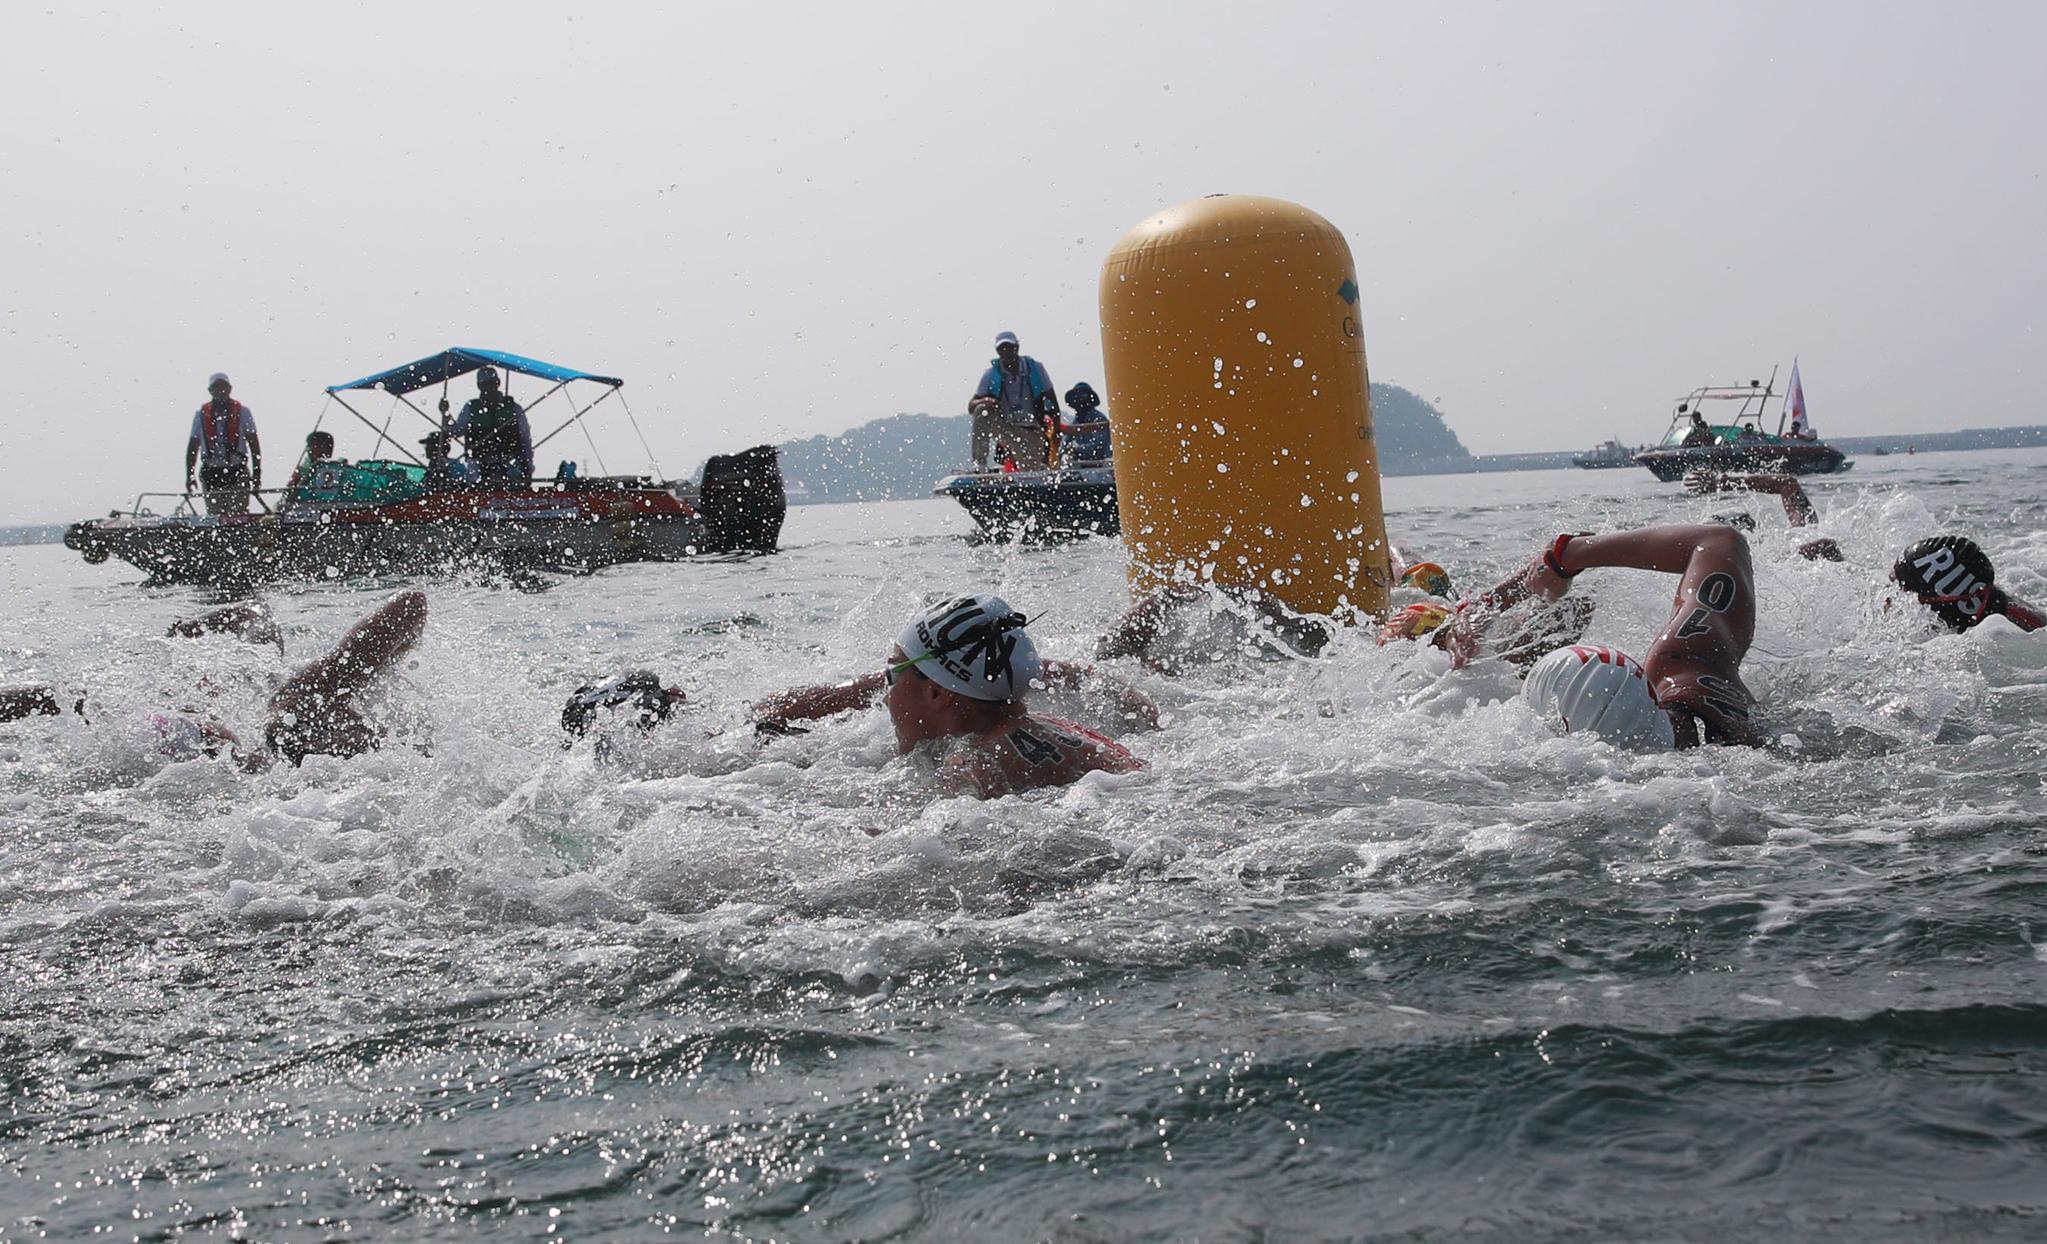 14일 여수 엑스포 해양공원 오픈워터 수영 경기장에서 열린 오픈워터수영 여자 10km 경기에서 선수들이 역영하고 있다. [연합뉴스]